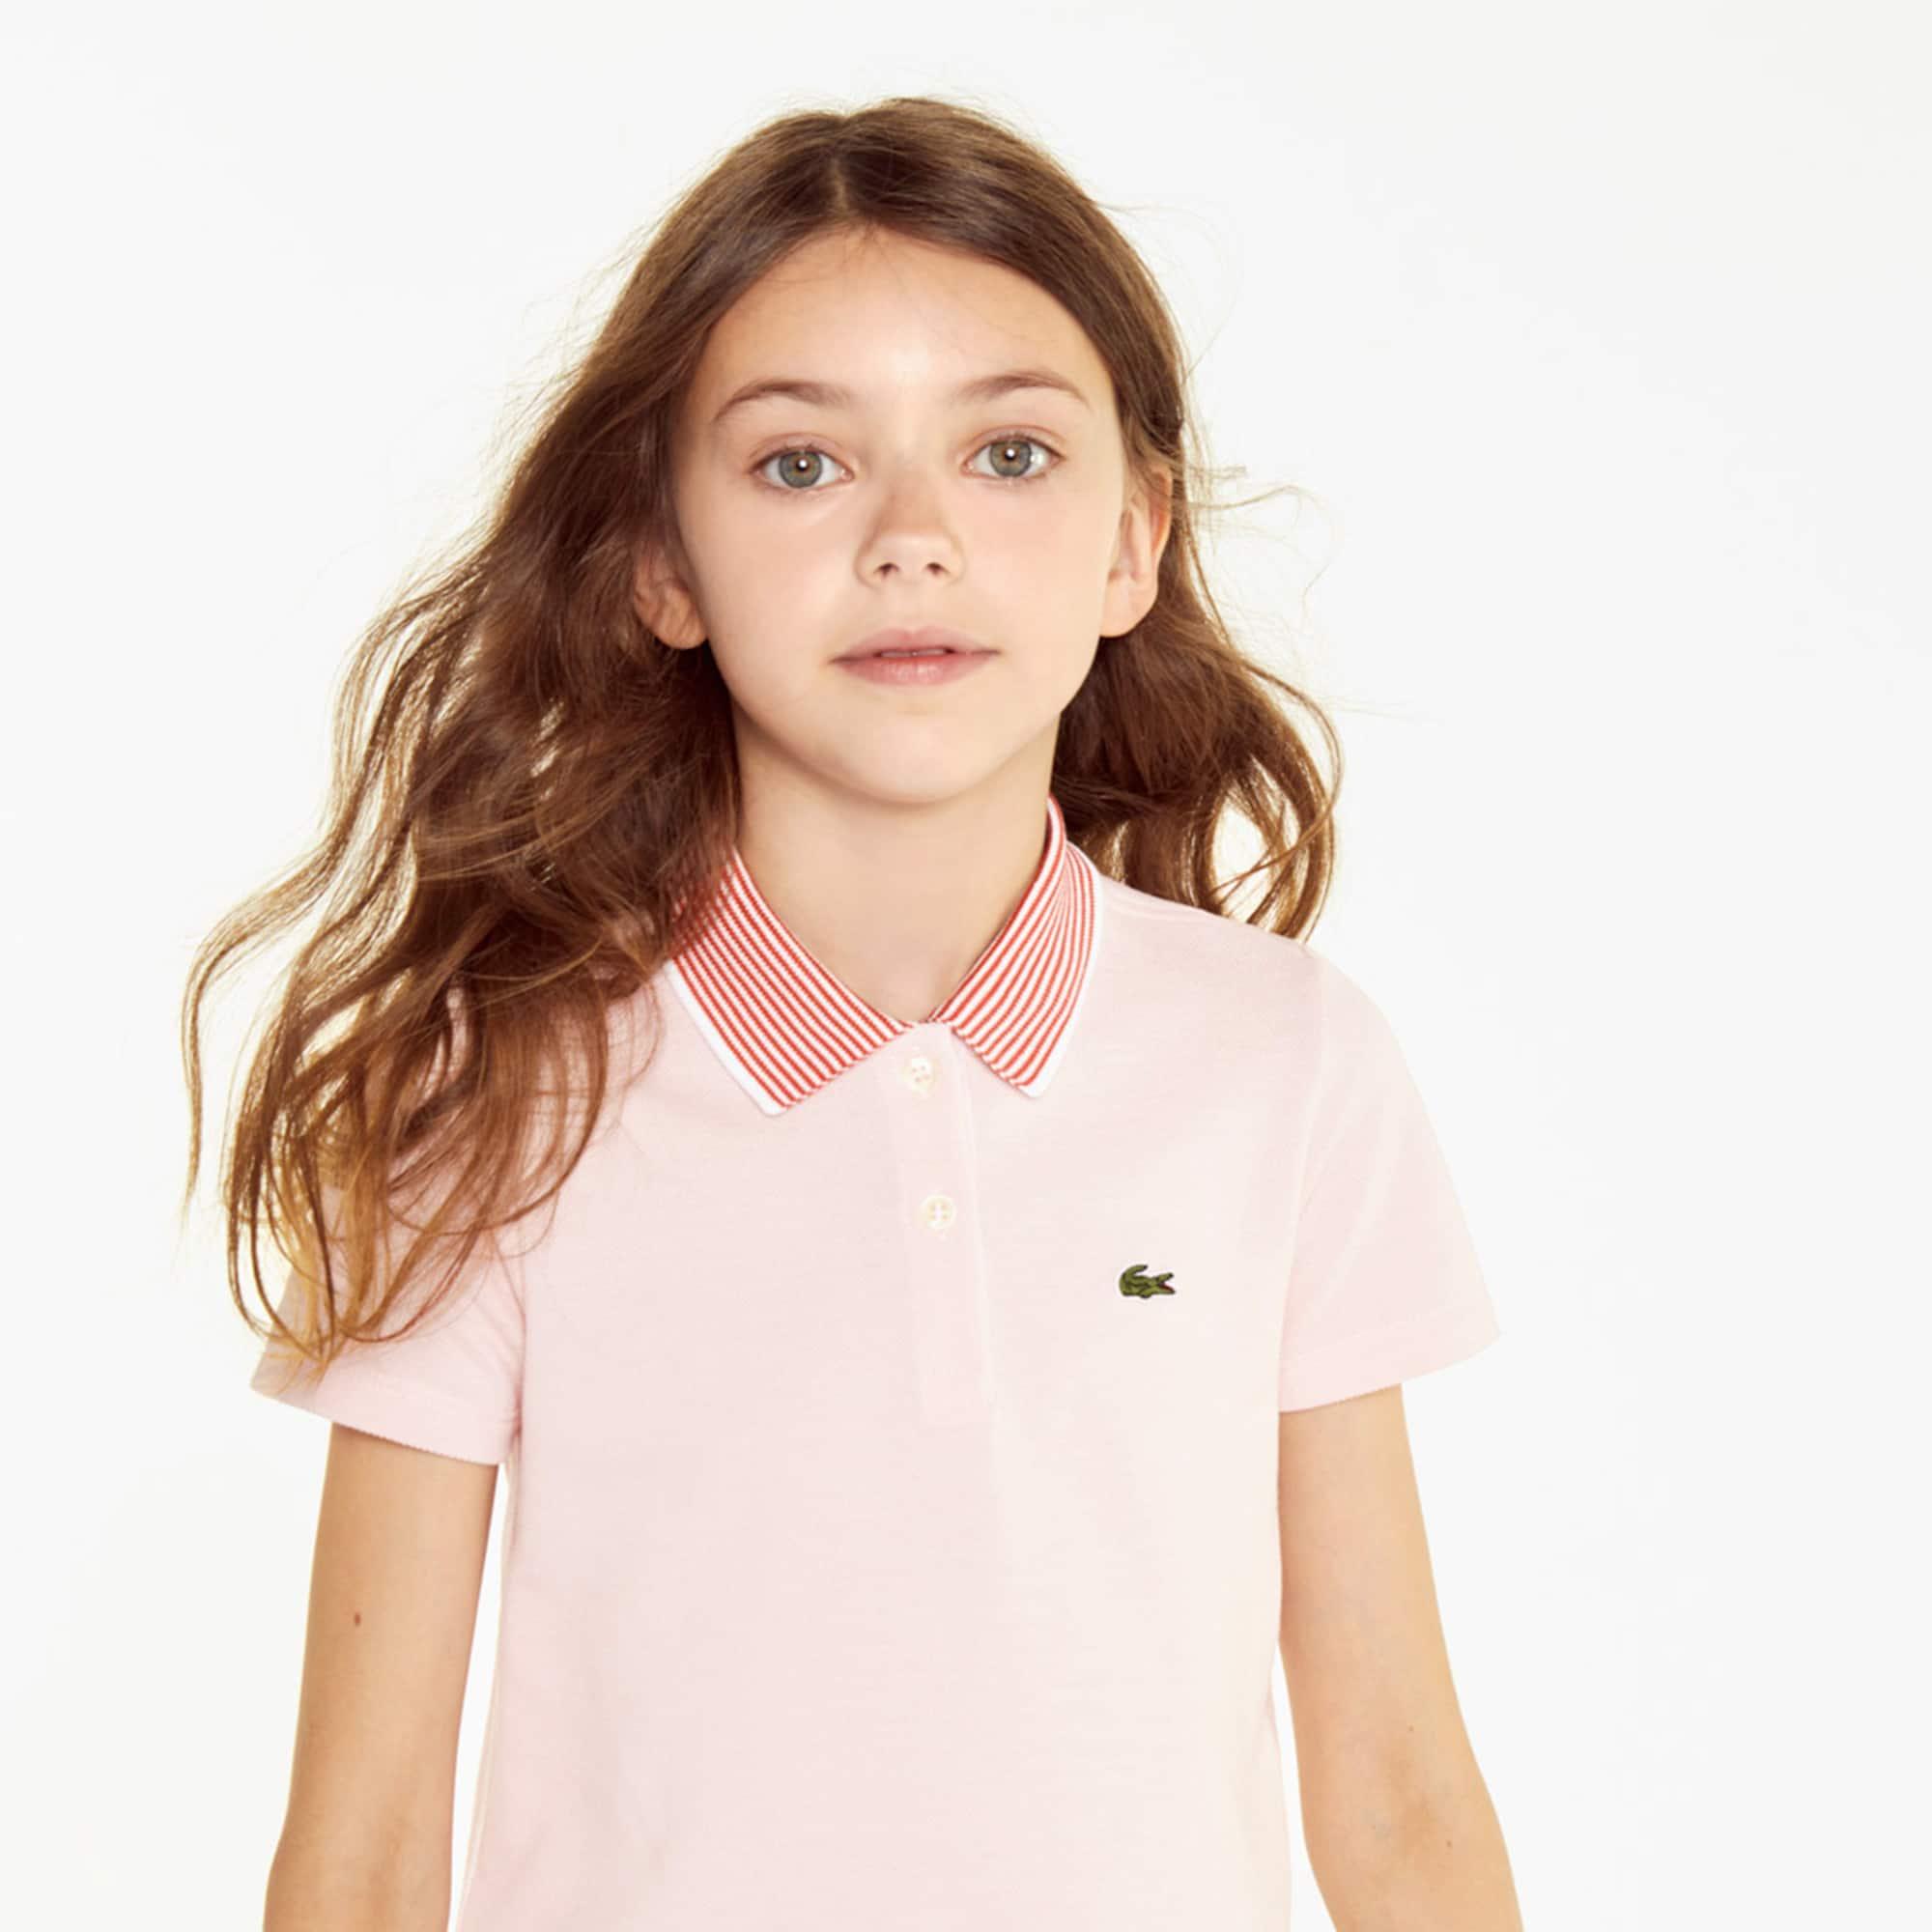 bdb65cd844e75 Girl s Polos